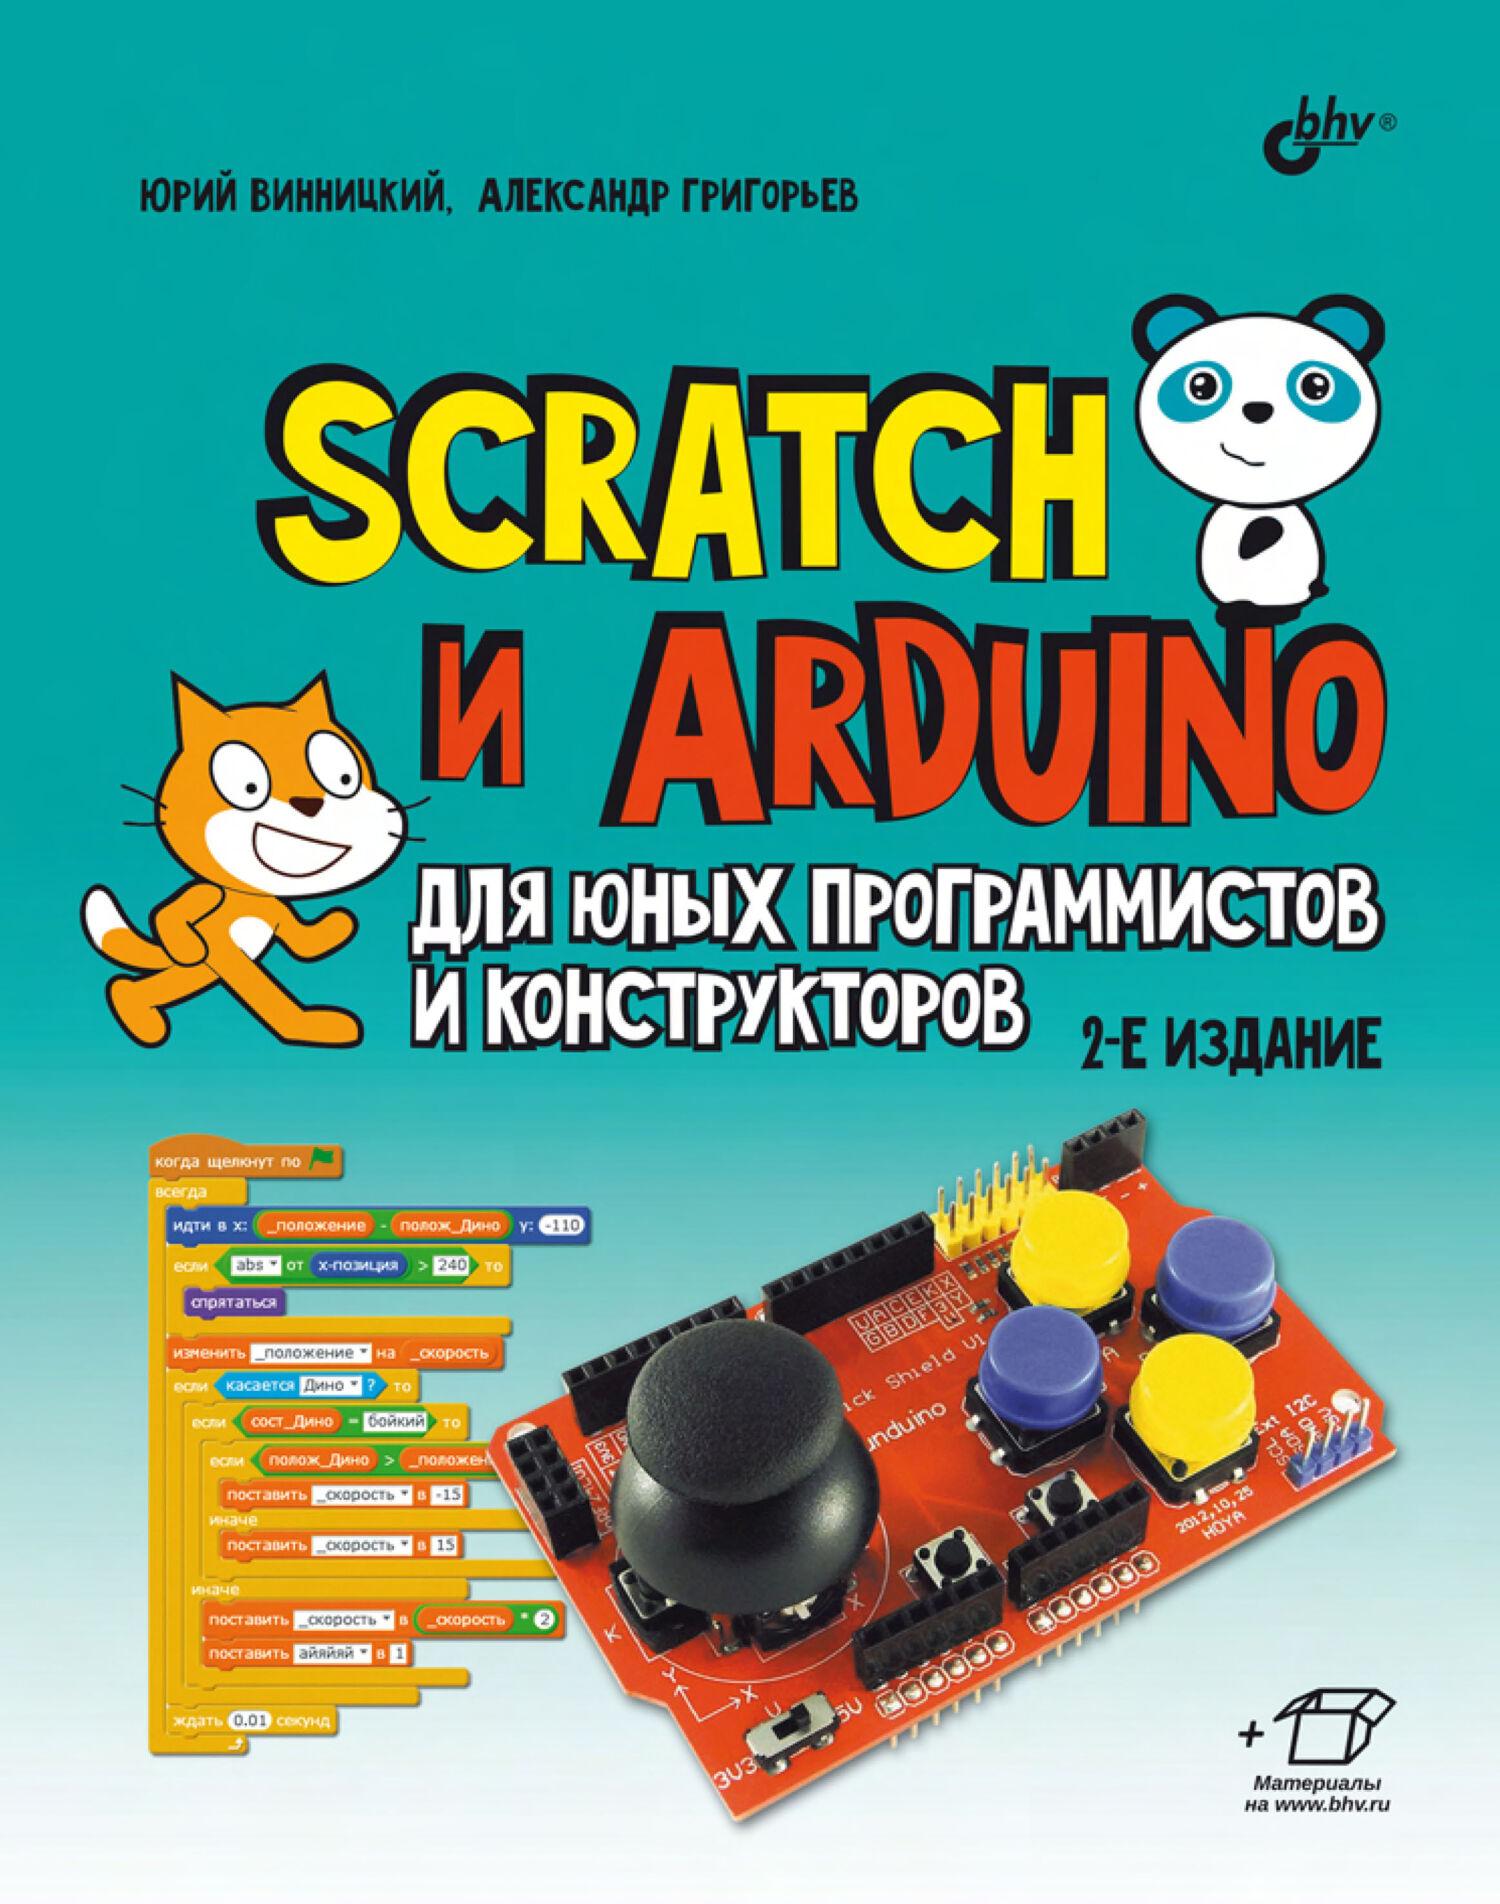 Ю. А. Винницкий Scratch и Arduino для юных программистов и конструкторов винницкий ю григорьев а scratch и arduino для юных программистов и конструкторов